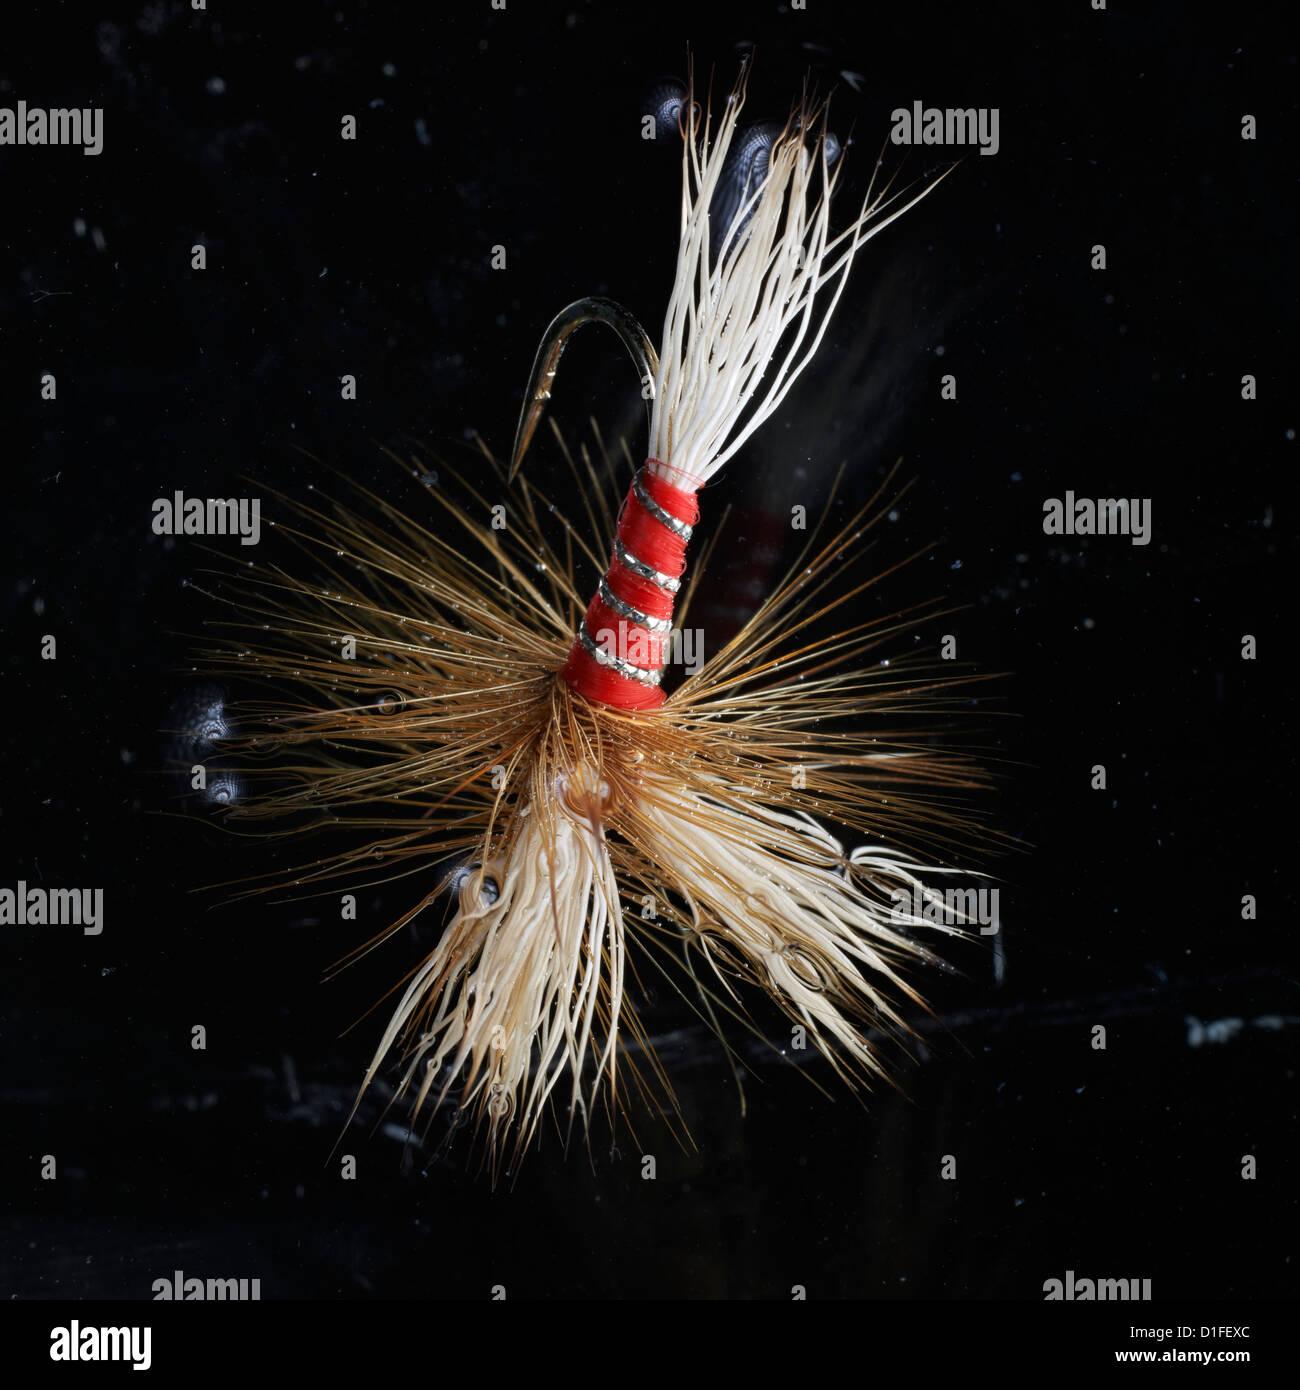 Wulff rosso Pesca artificiale fly utilizzato nella pesca sportiva in estrema vicino shot in acqua Immagini Stock